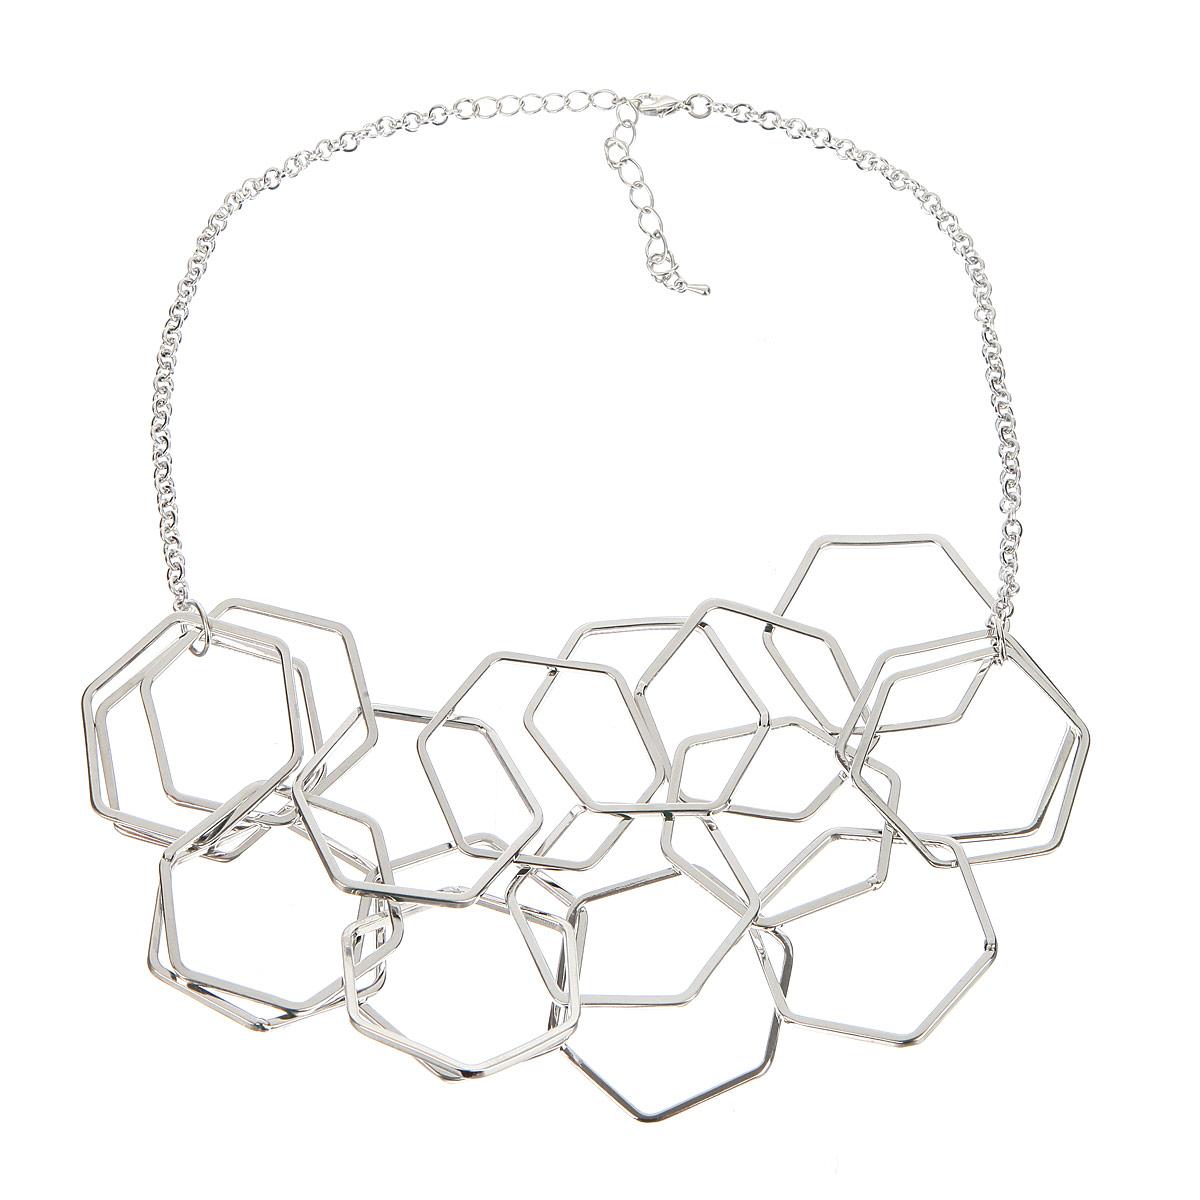 Колье Taya, цвет: серебристый. T-B-8172T-B-8172-NECK-SILVERОчень стильное, объемное колье Taya, изготовленное из металлического сплава серебристого цвета, будет абсолютно невесомо на шее его обладательницы. Изделие представляет собой цепочку, к которой в три ряда крепятся декоративные элементы в виде плоских шестиугольников. Застегивается на замок-карабин с регулирующей длину цепочкой. Стильное колье модного дизайна поможет создать уникальный и запоминающийся образ.